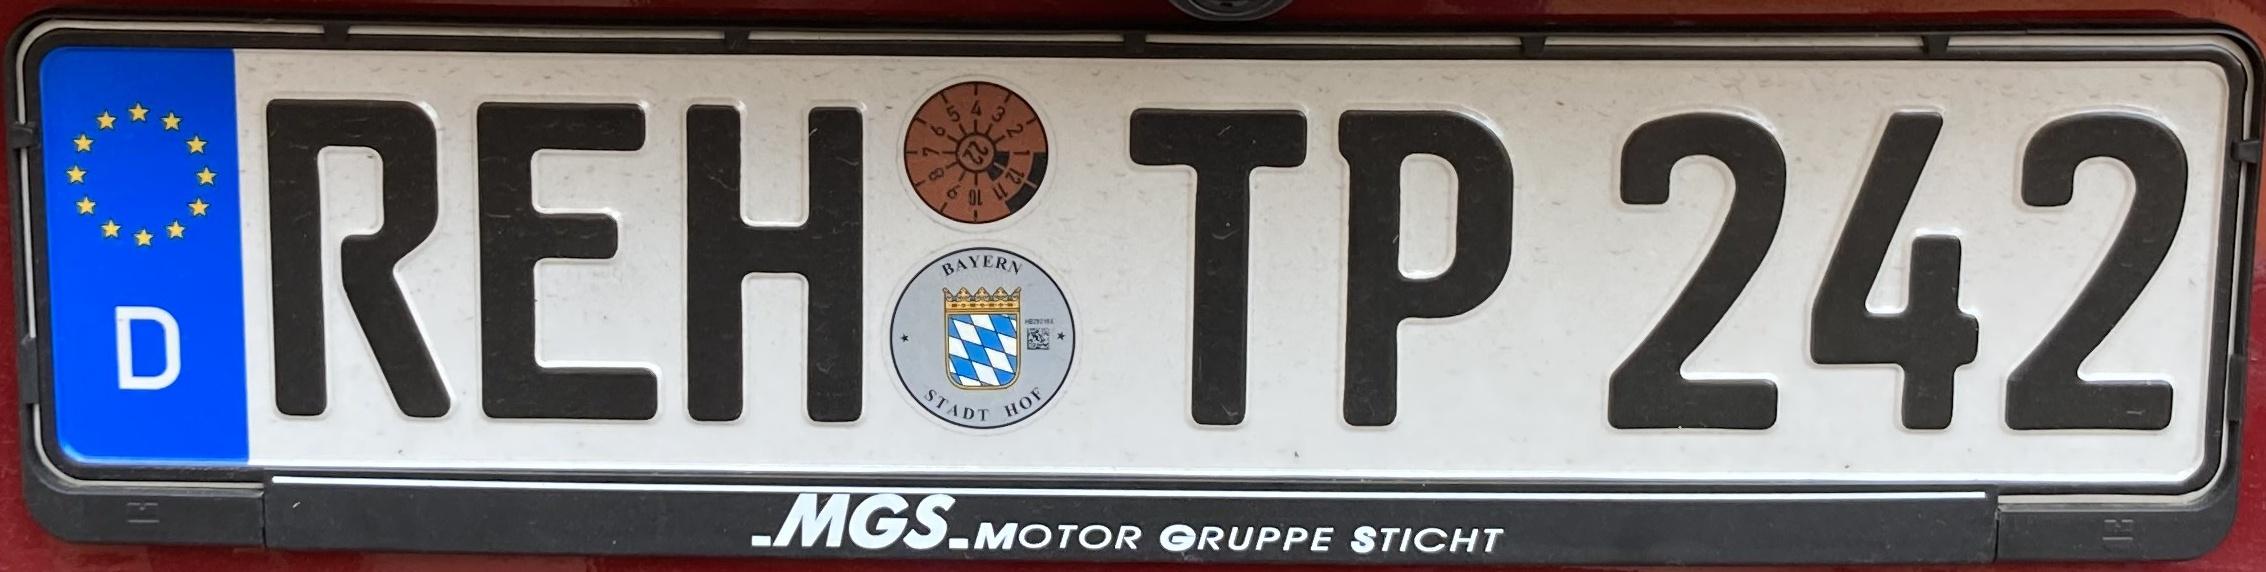 Registrační značky Německo - REH - Rehau, foto: www.podalnici.cz